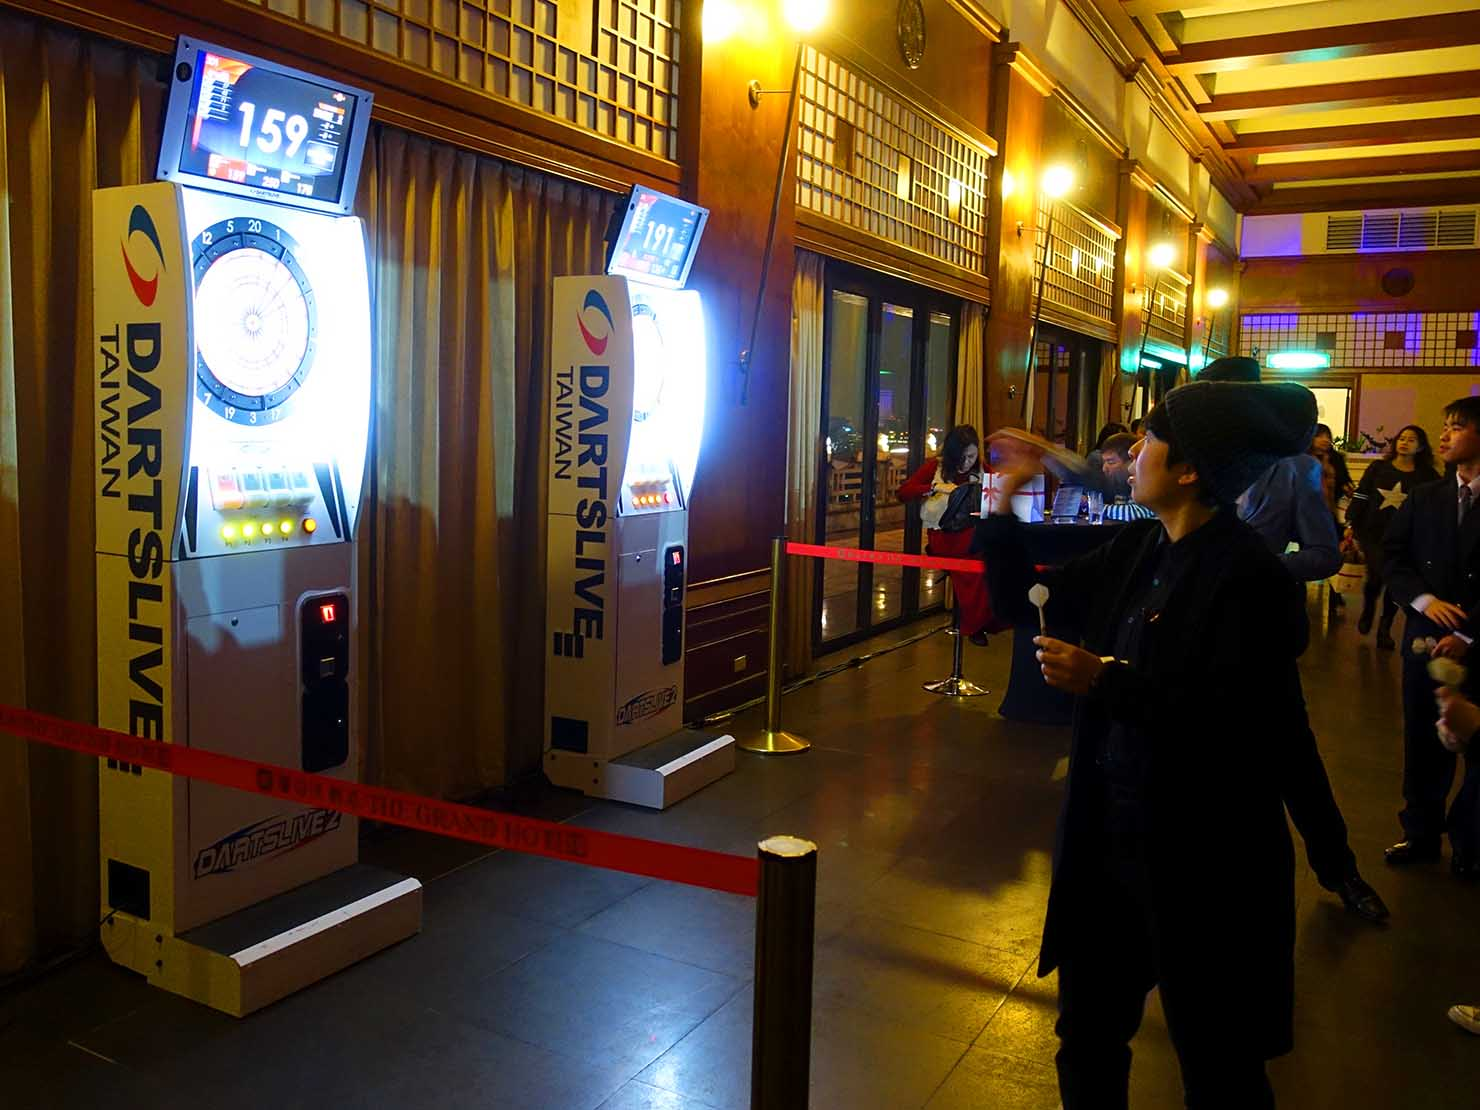 台北・圓山大飯店のカウントダウンパーティー「Bling Bling跨年派對」会場のダーツフロア